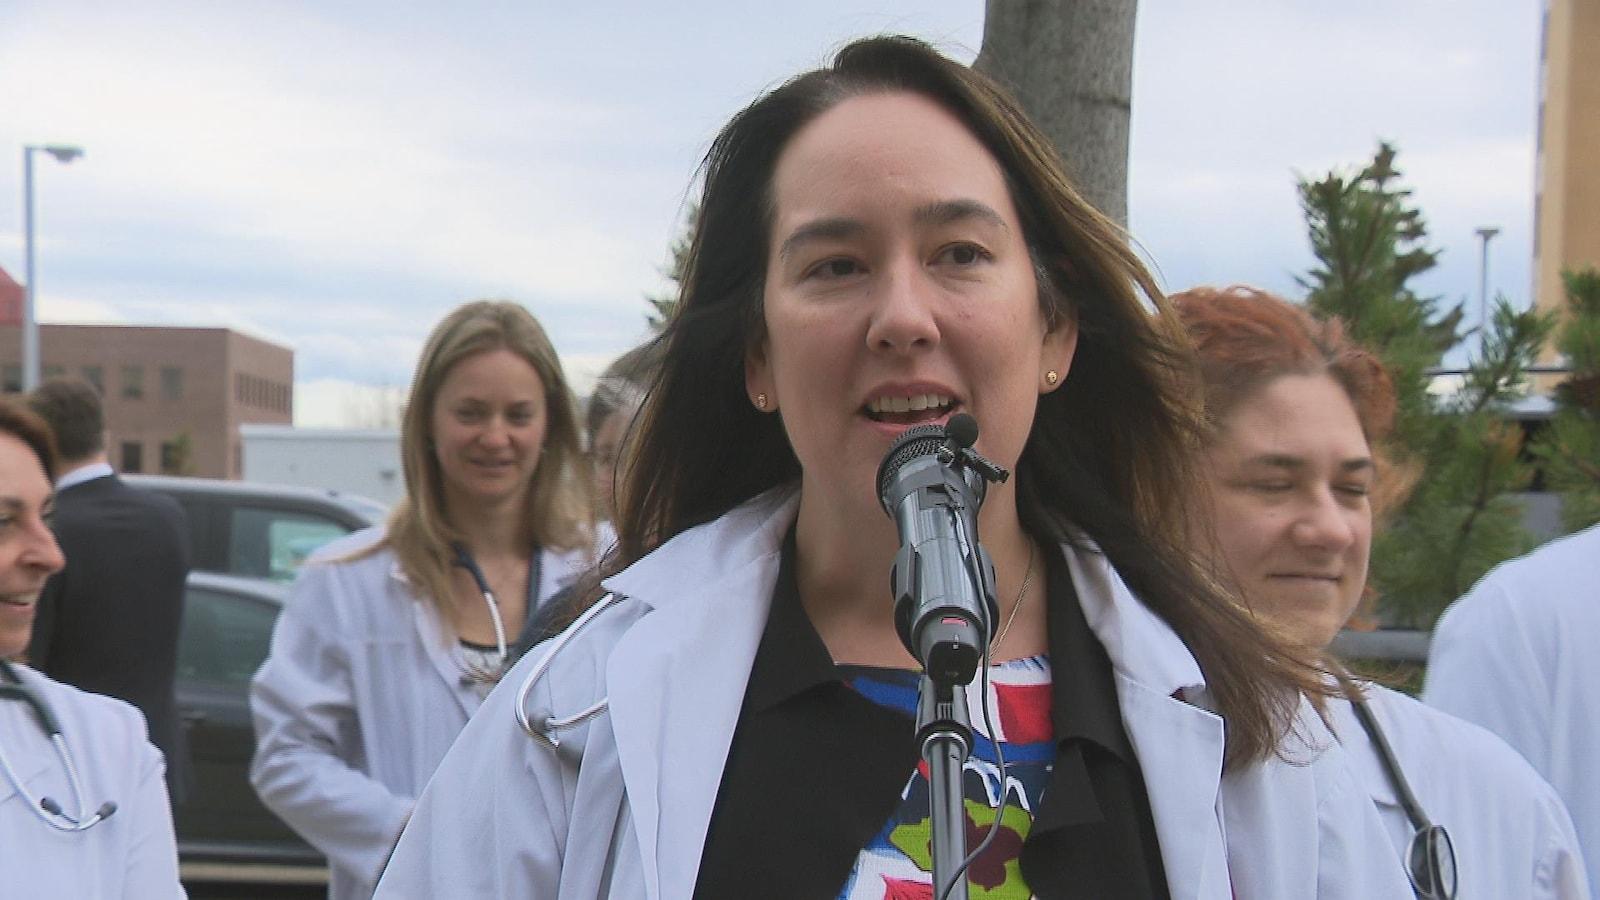 La docteure Gabrielle Gagnon est la parole-parole des médecins favorables à l'implantation d'un campus décentralisé de médecine à Rimouski et dans l'Est-du-Québec